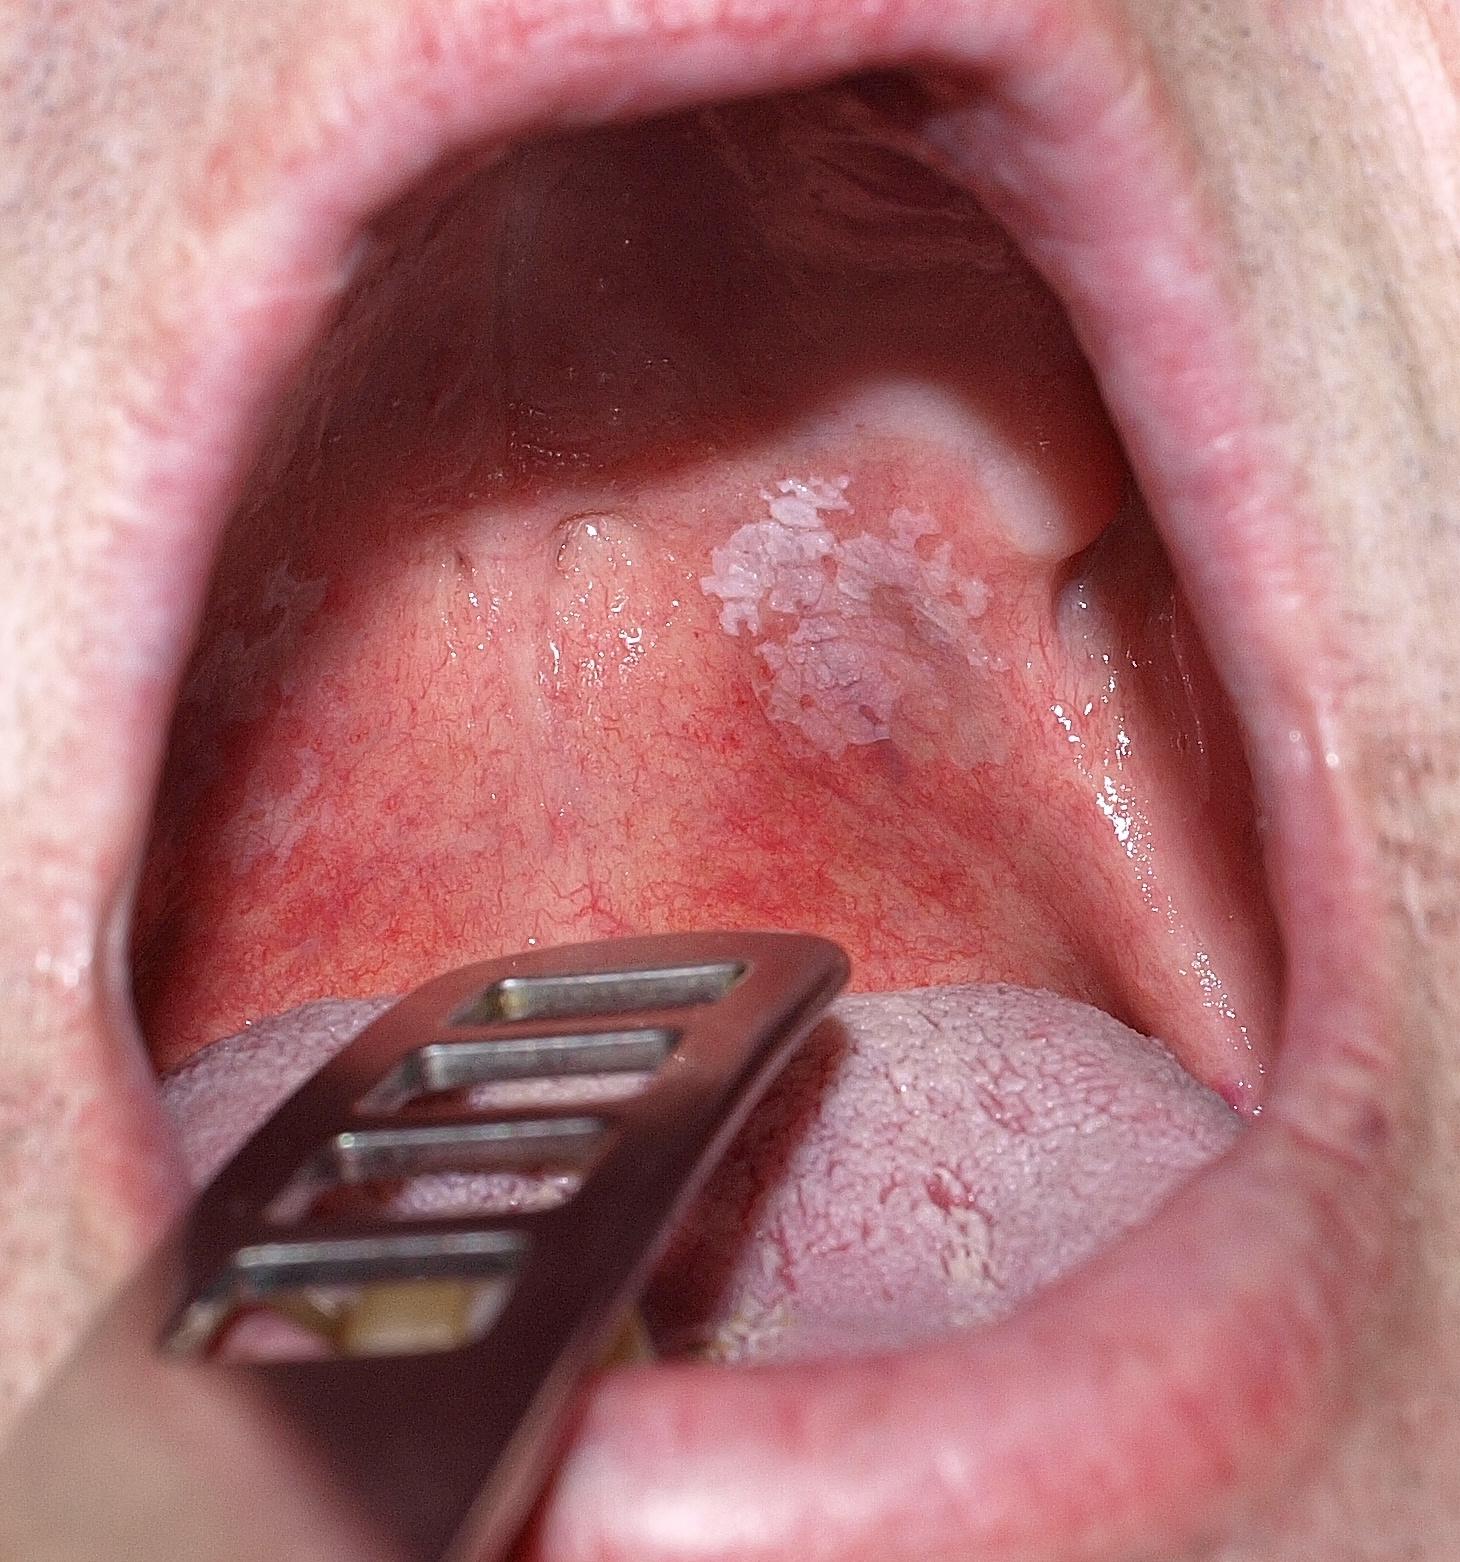 papilloma vírus ember a szájban íj papilloma